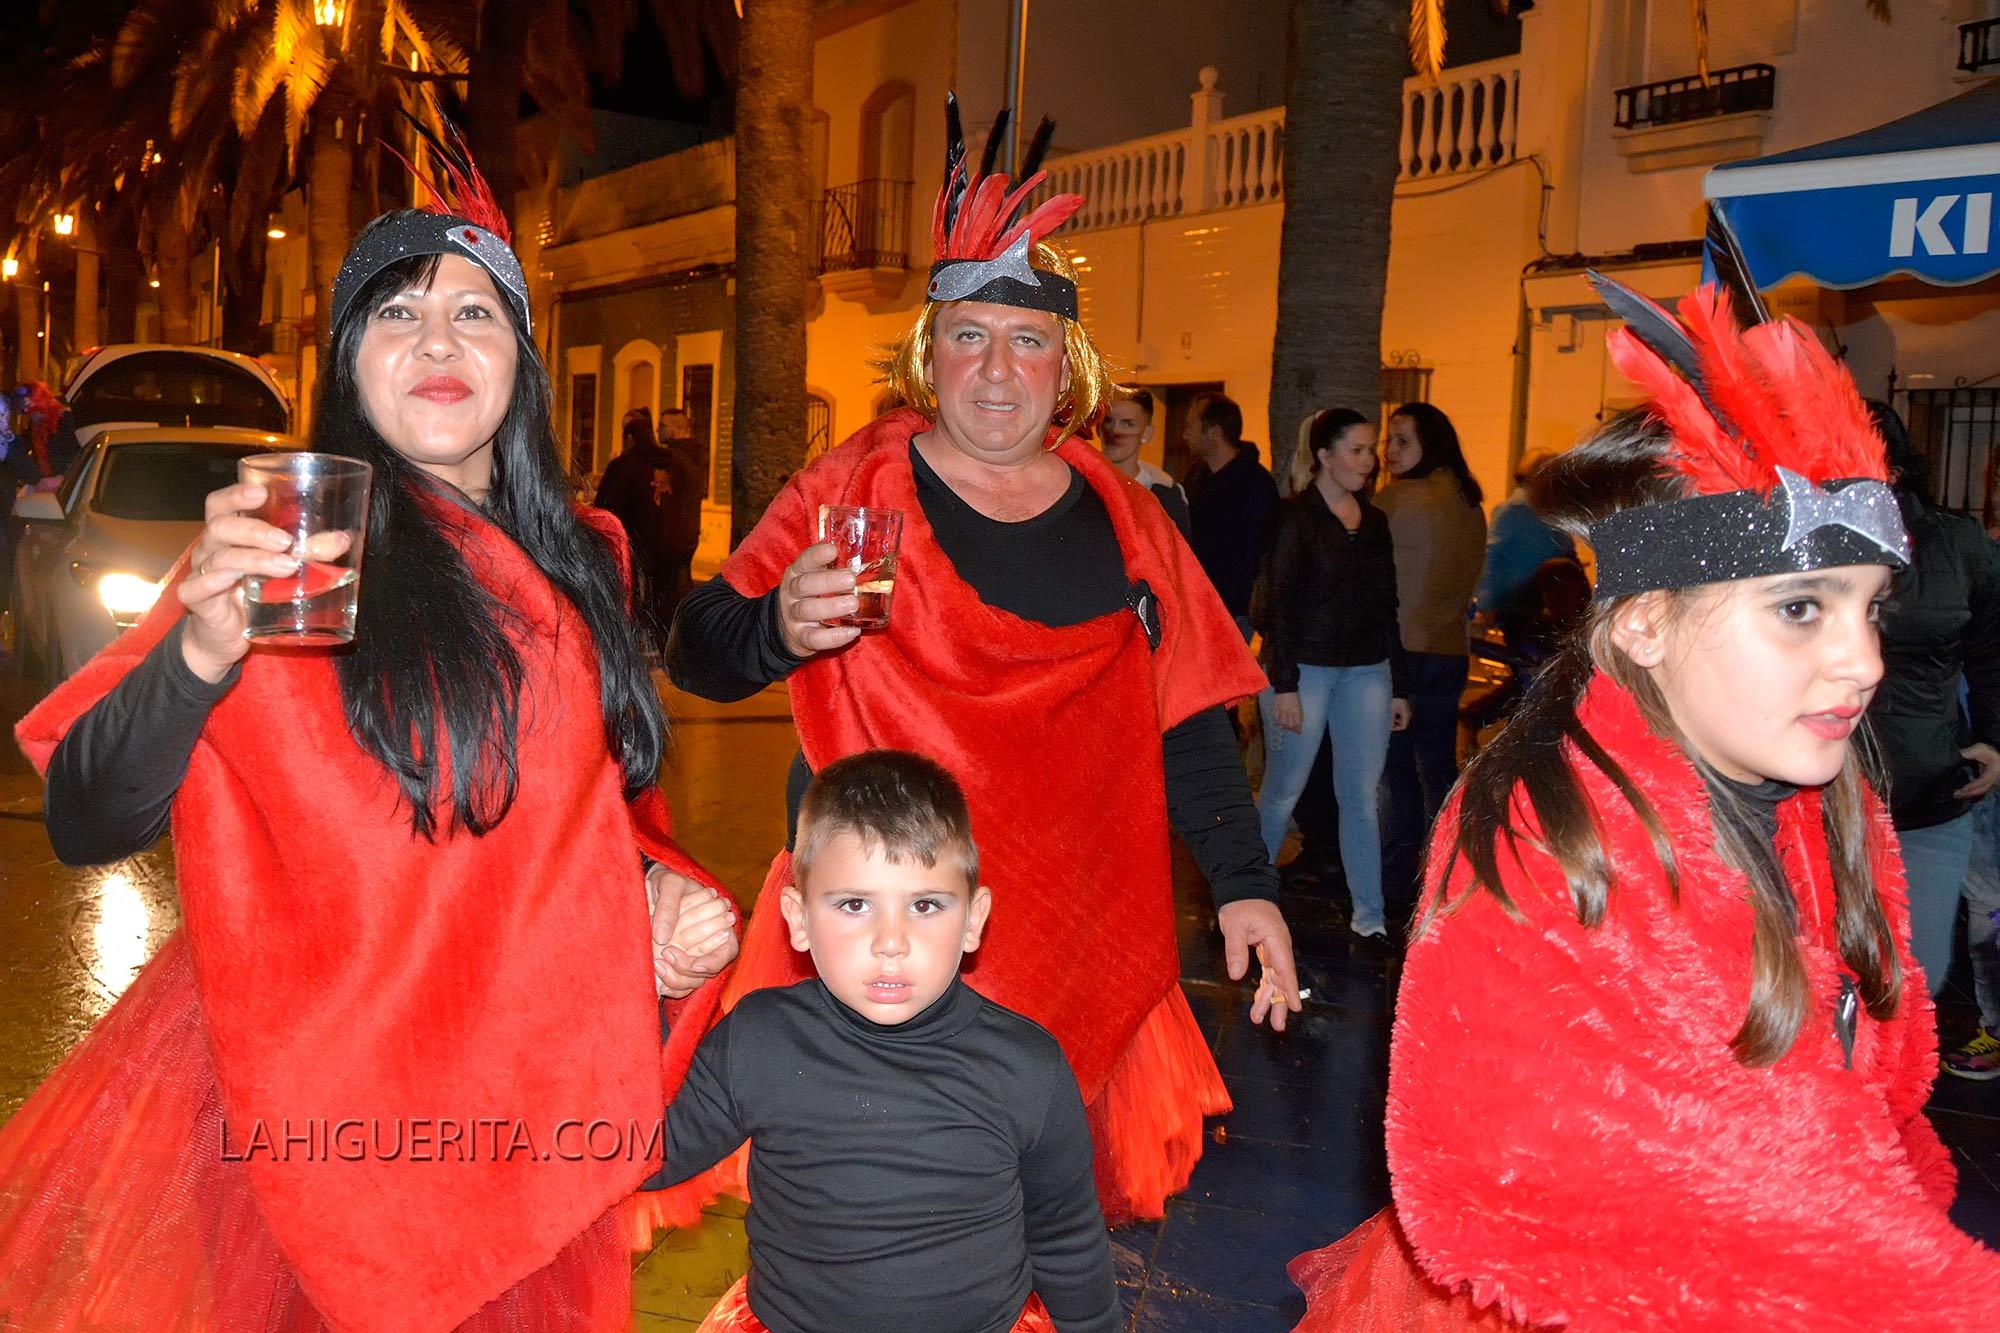 Entierro de la sardina carnaval isla cristina _DSC2316